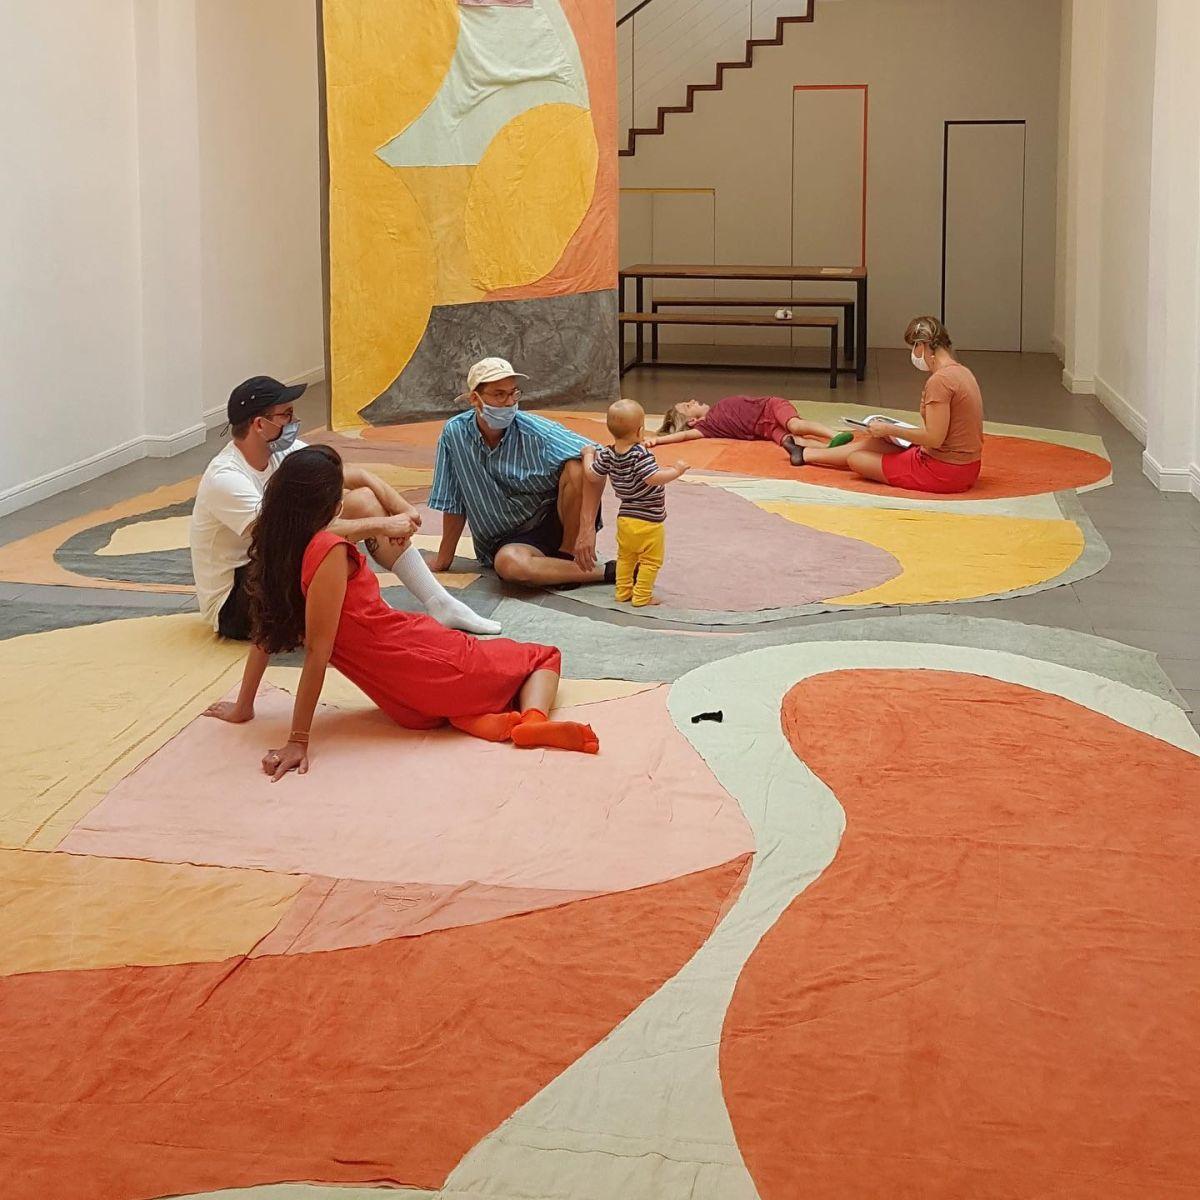 Adrien Vescovi - Slow Down Abstractions au Studio Fotokino - Marseille - Photo Fotokino